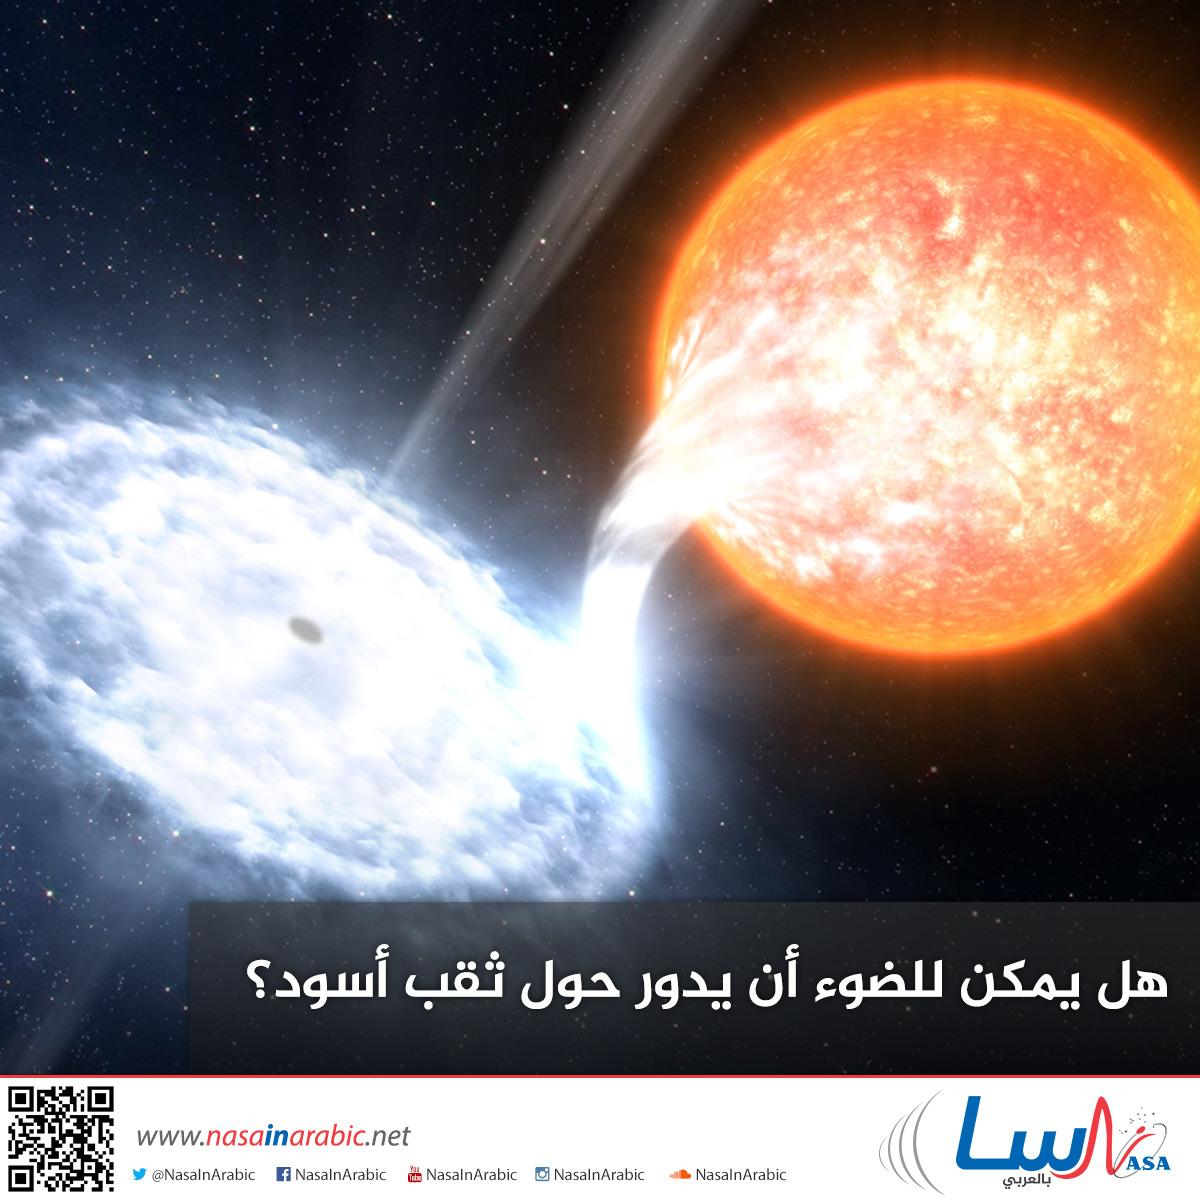 هل يمكن للضوء أن يدور حول ثقب أسود؟